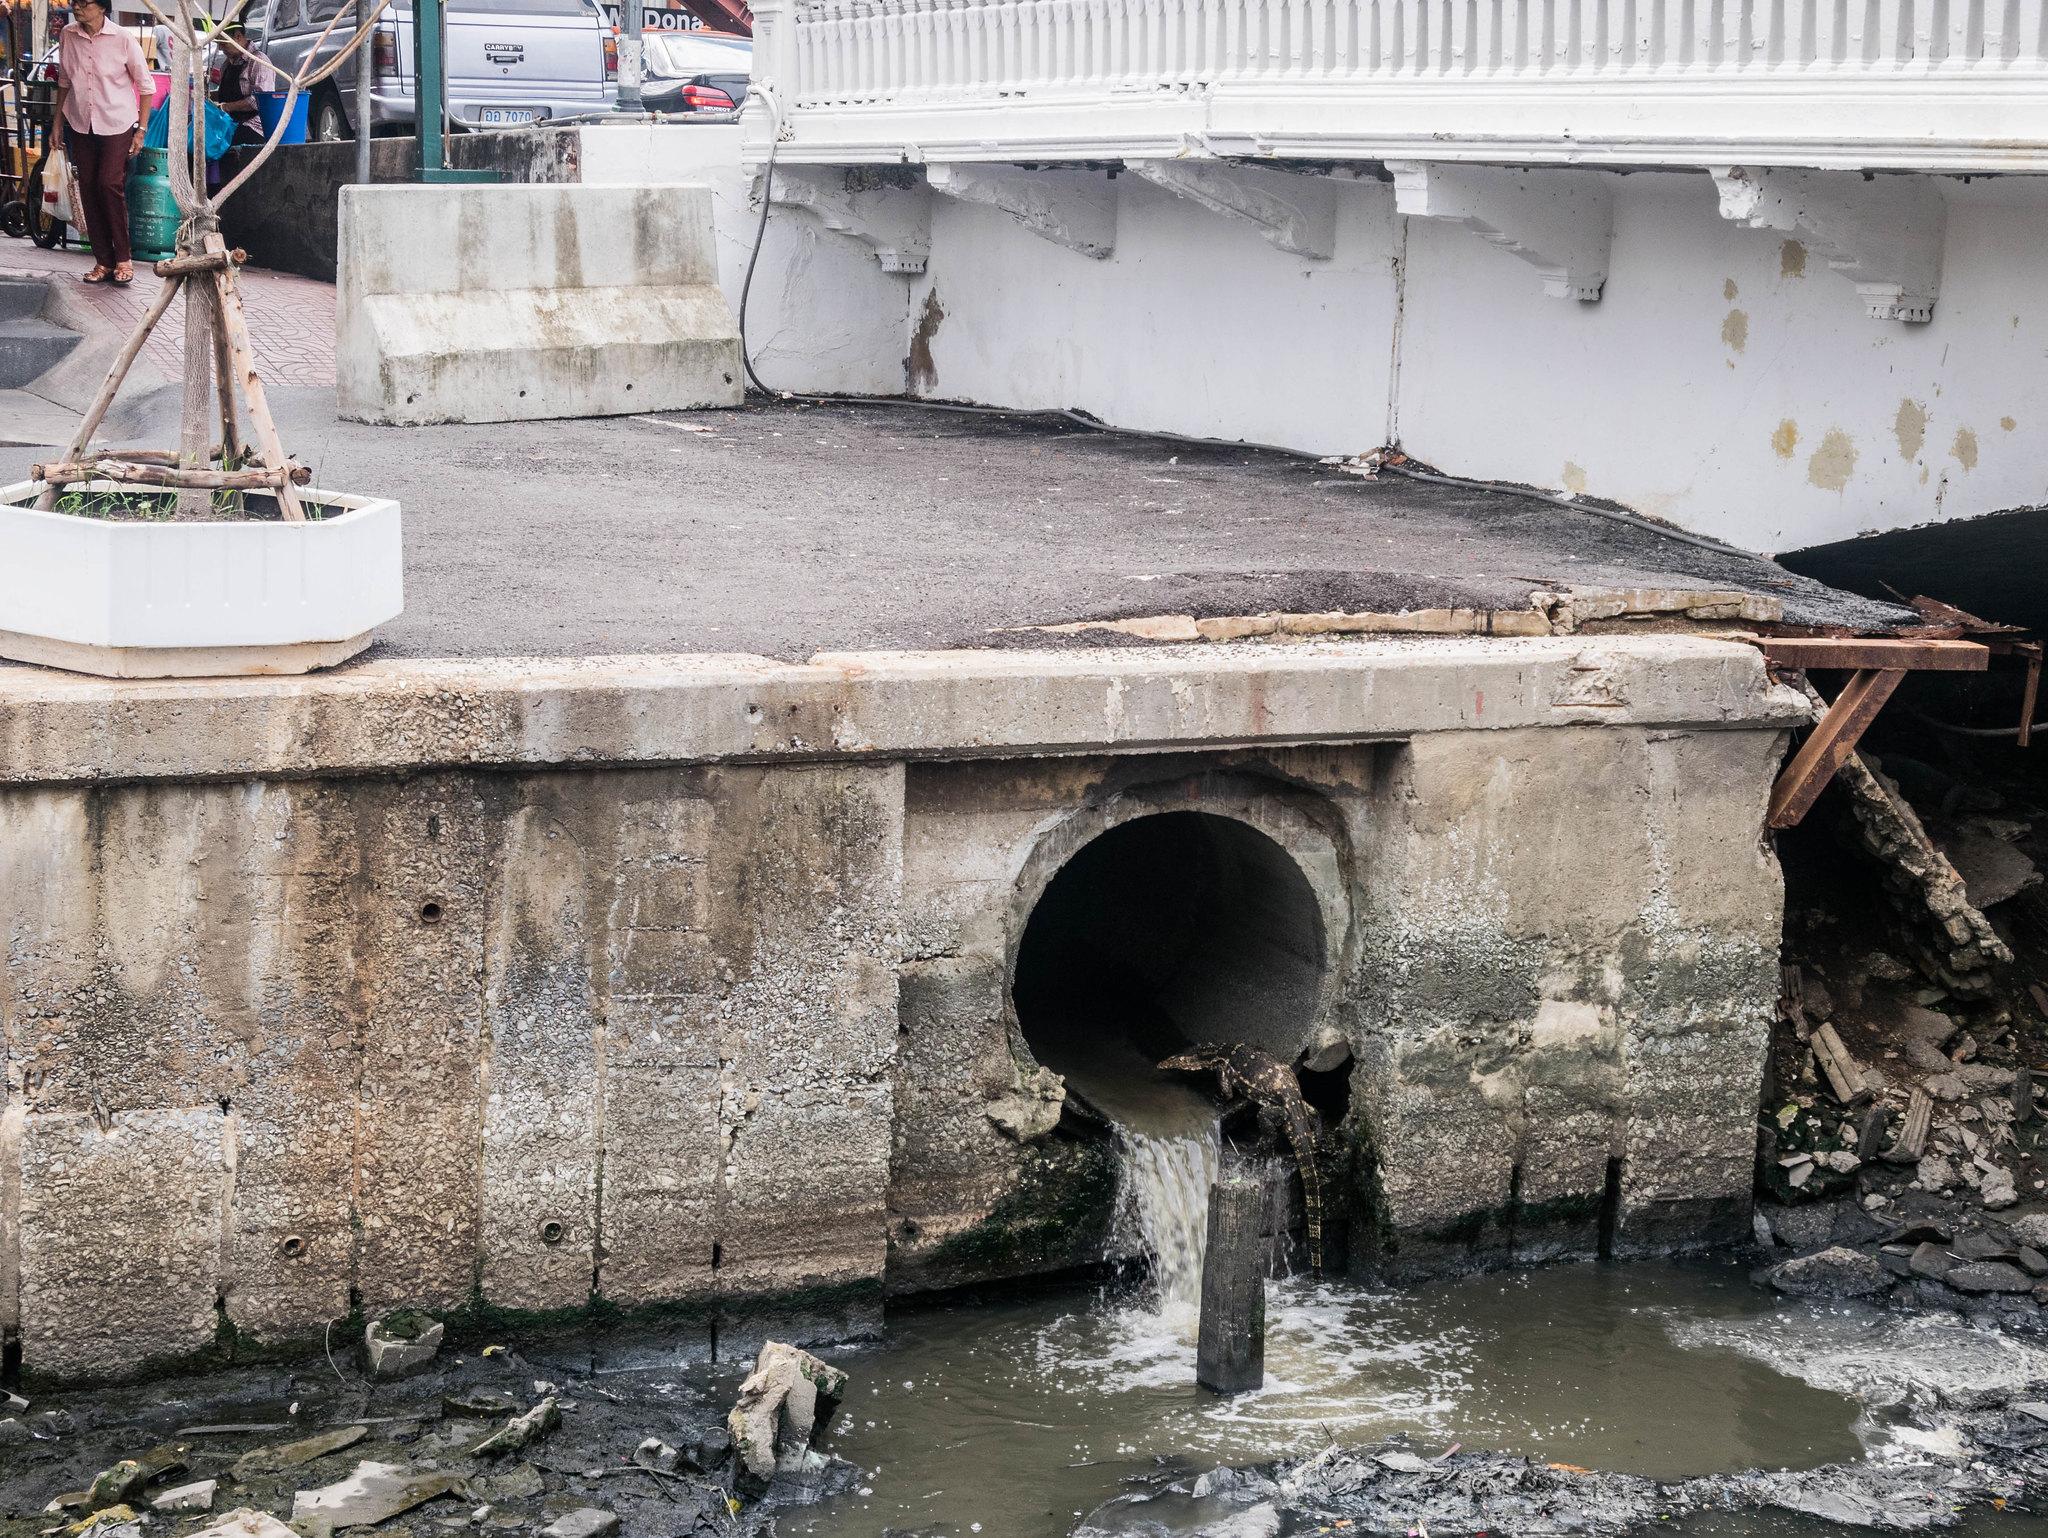 Varan in drain